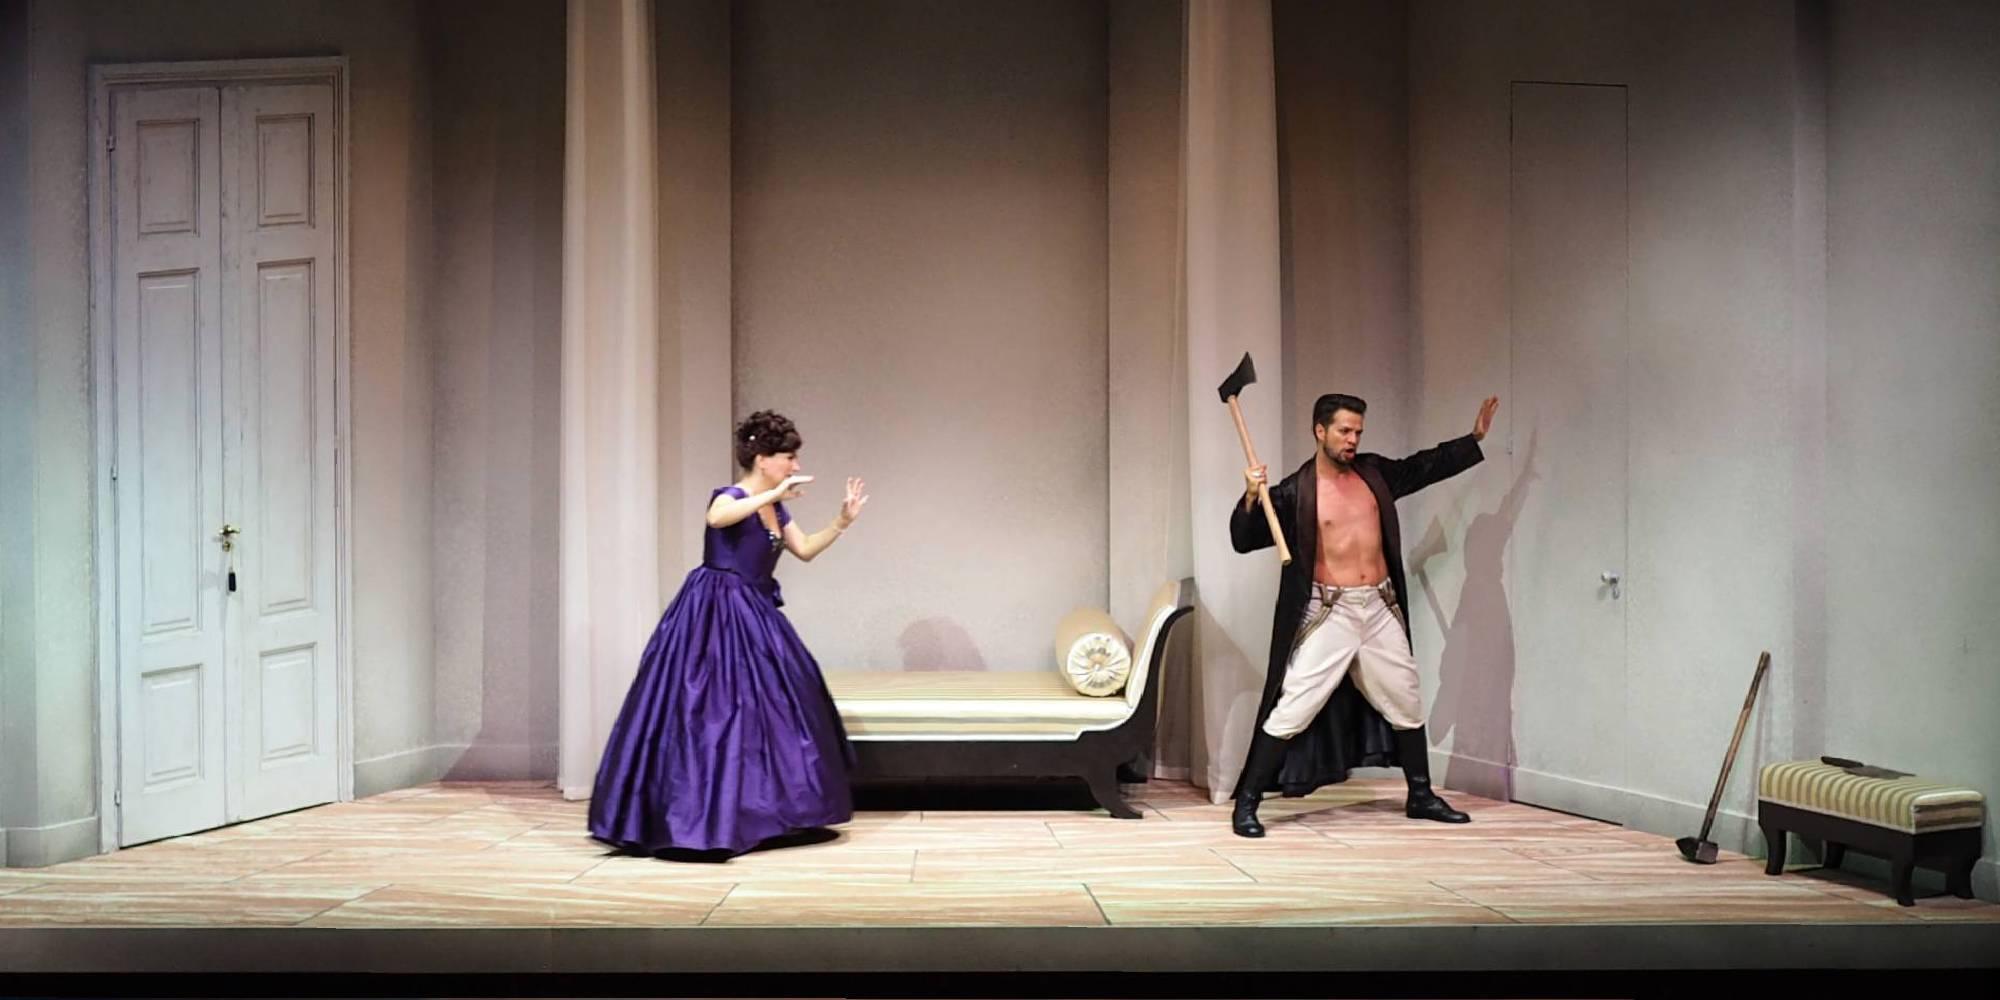 Le nozze di Figaro, Regie: Nicole Claudia Weber, Foto: Andreas Etter